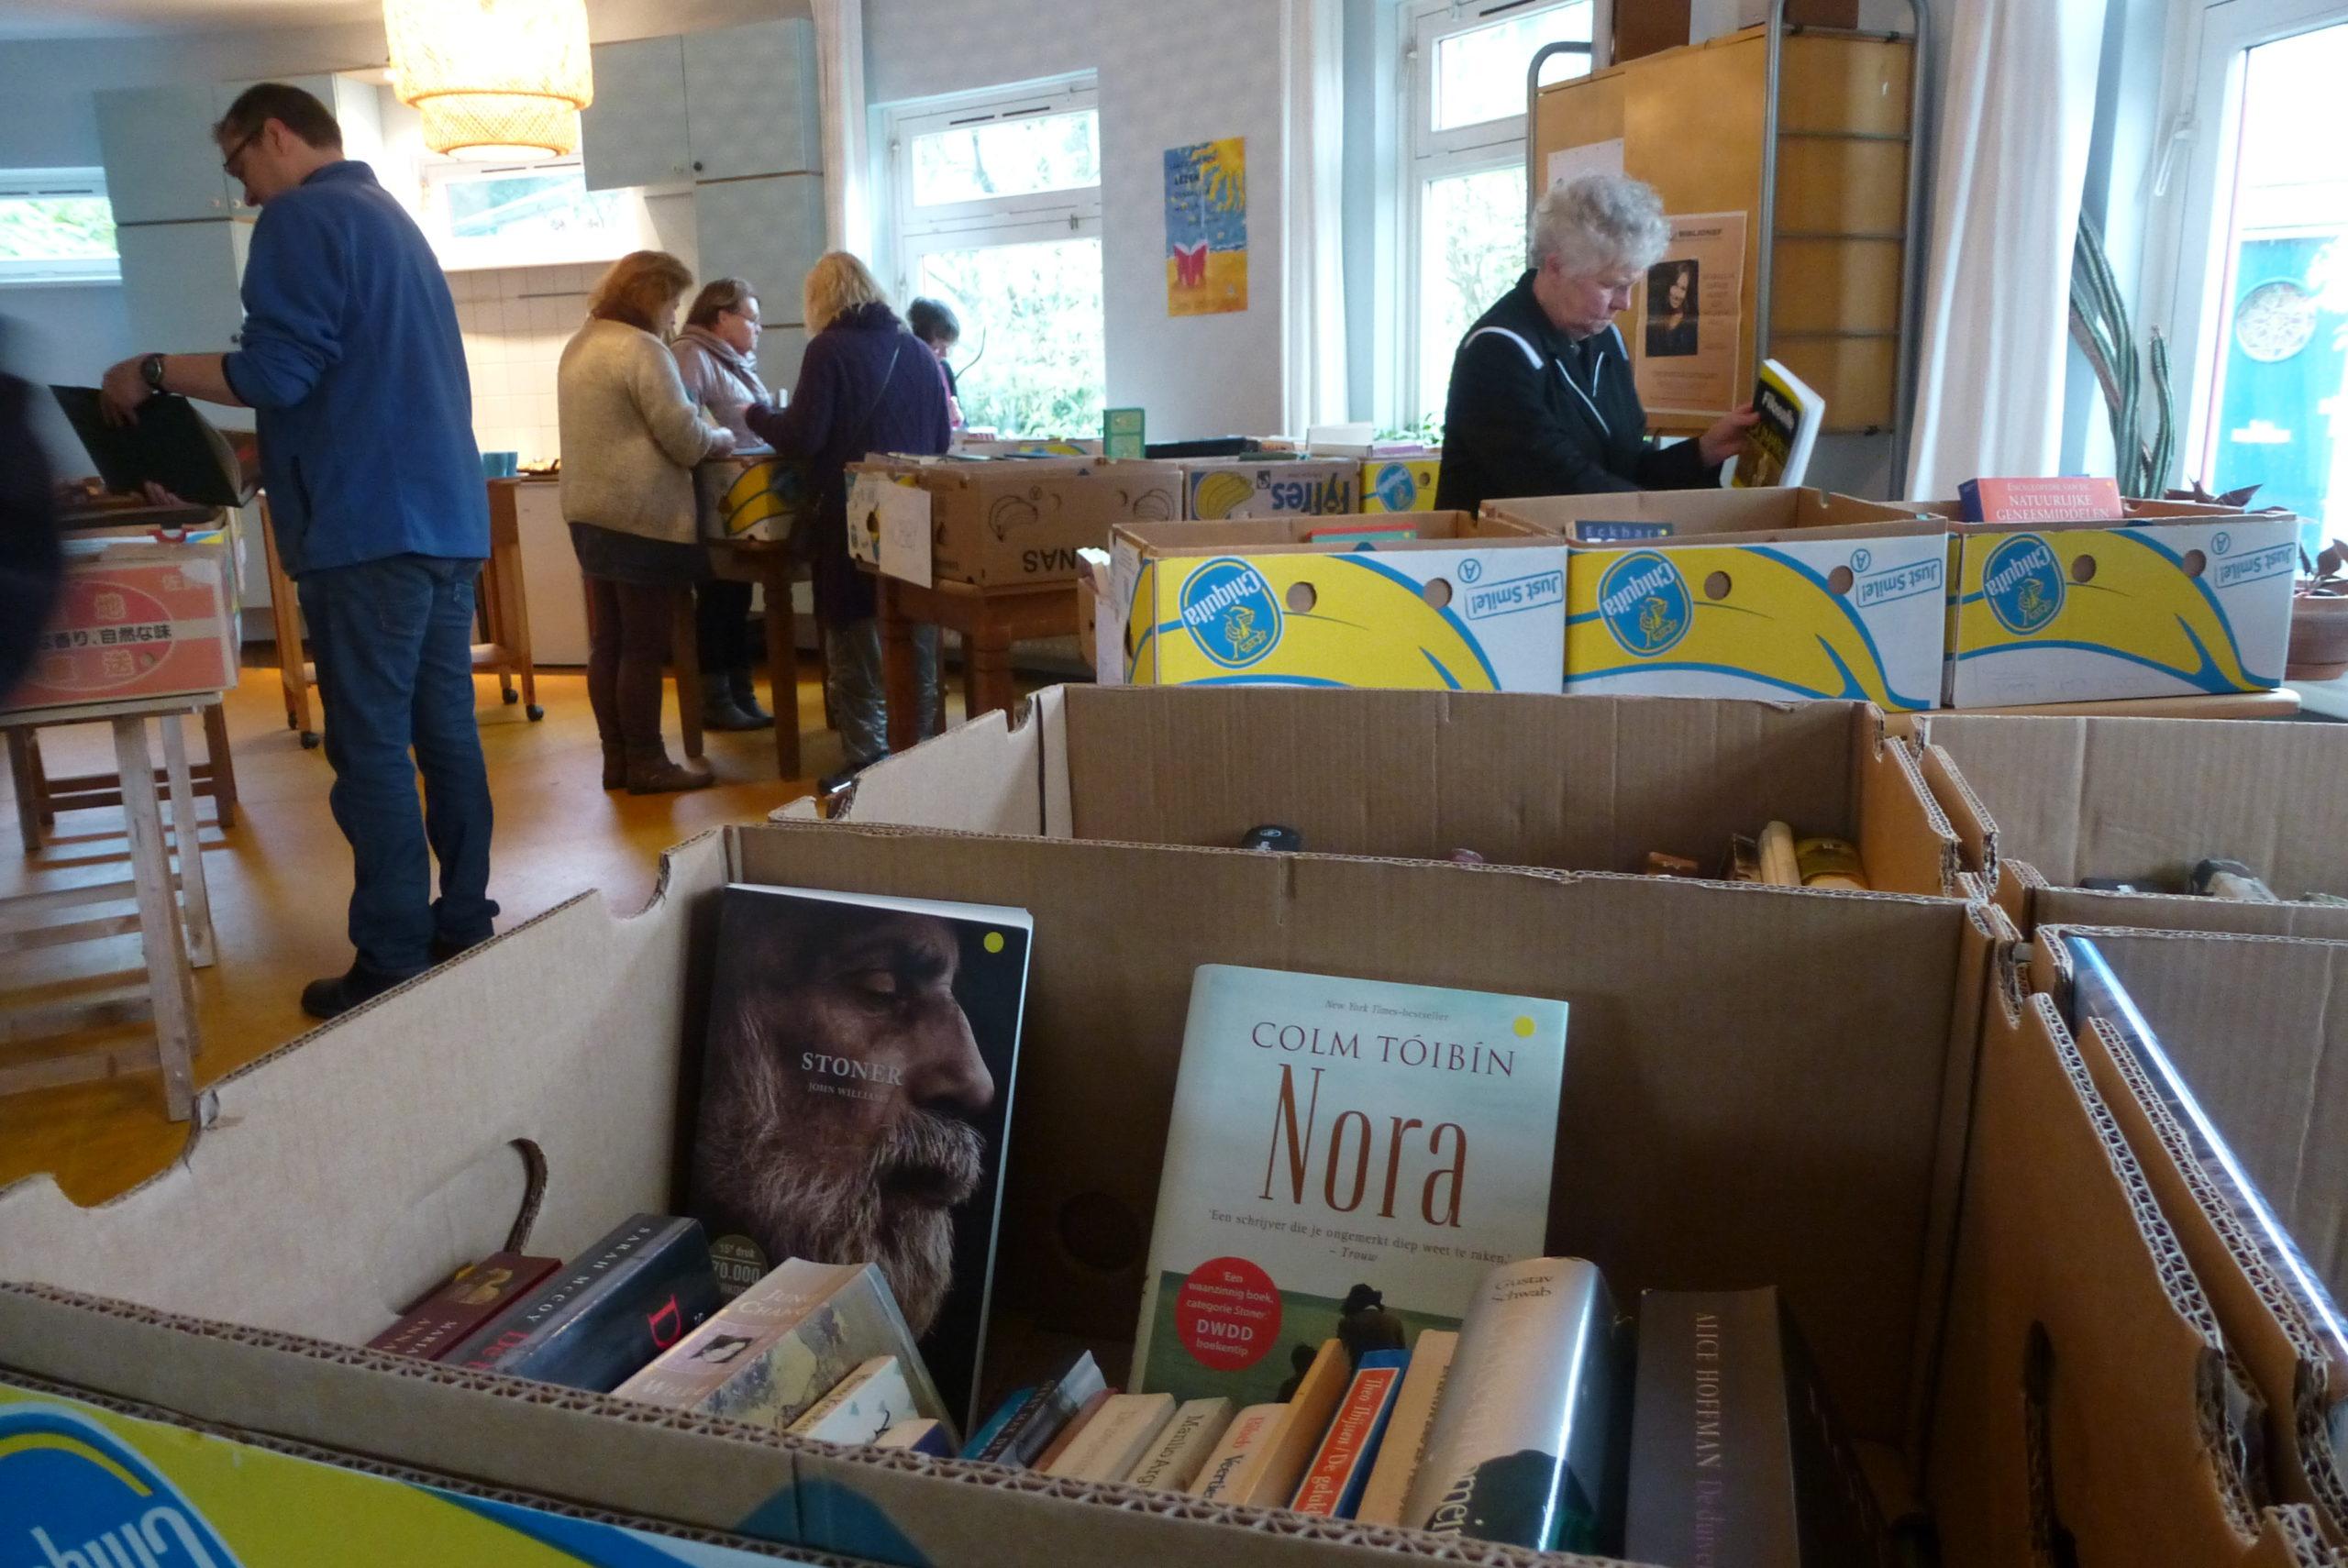 Boekenmarktje Huis ter Heide: veel boeken en zelfgemaakte taarten